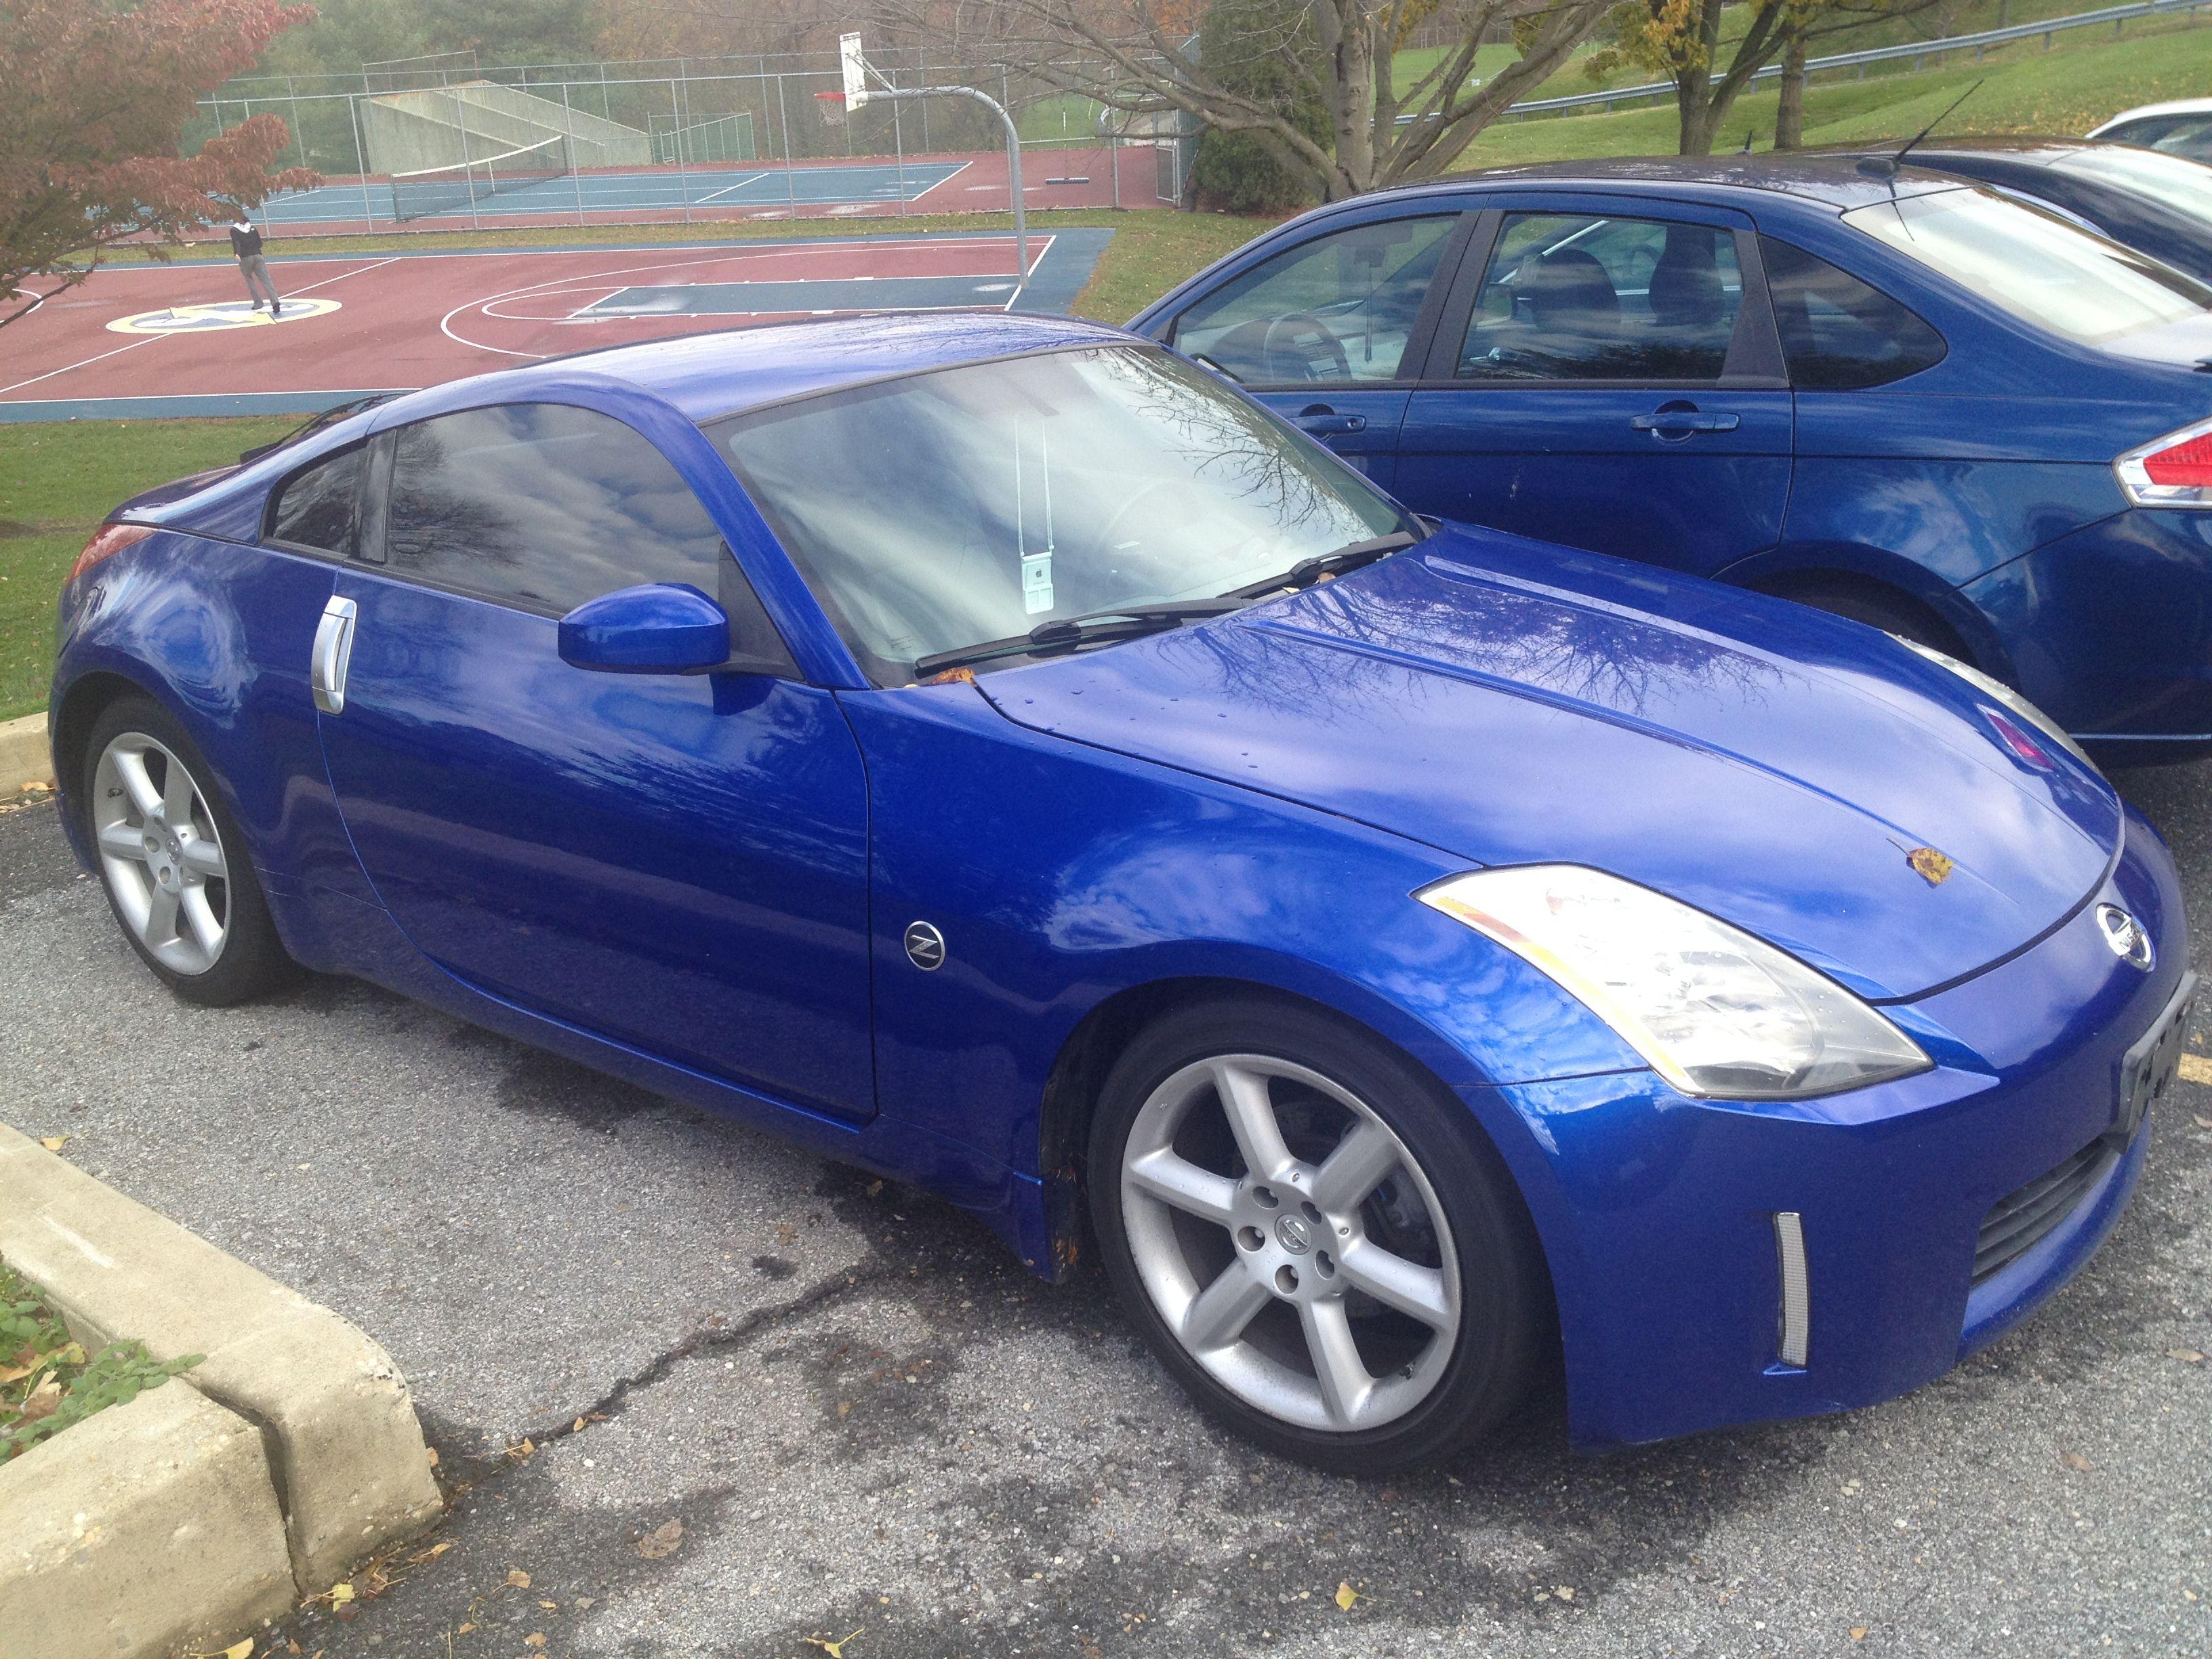 Blue 350z